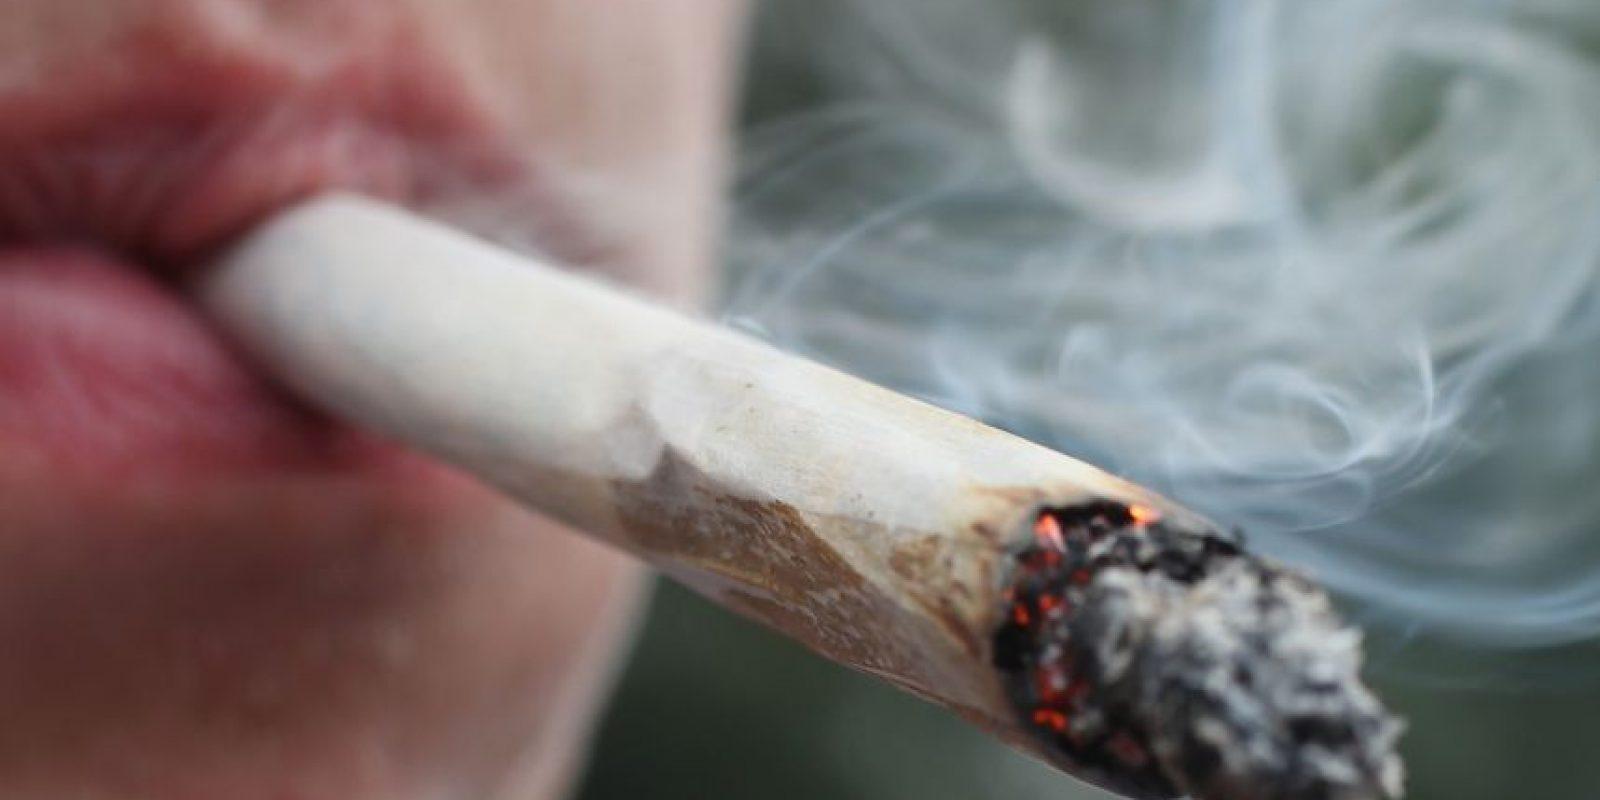 En 2014 enmendó su ley antitabaco para añadir la prohibición de fumar en plazas donde existan juegos para niños y en autos. La ley anterior ya prohibía fumar en lugares públicos Foto:Getty Images